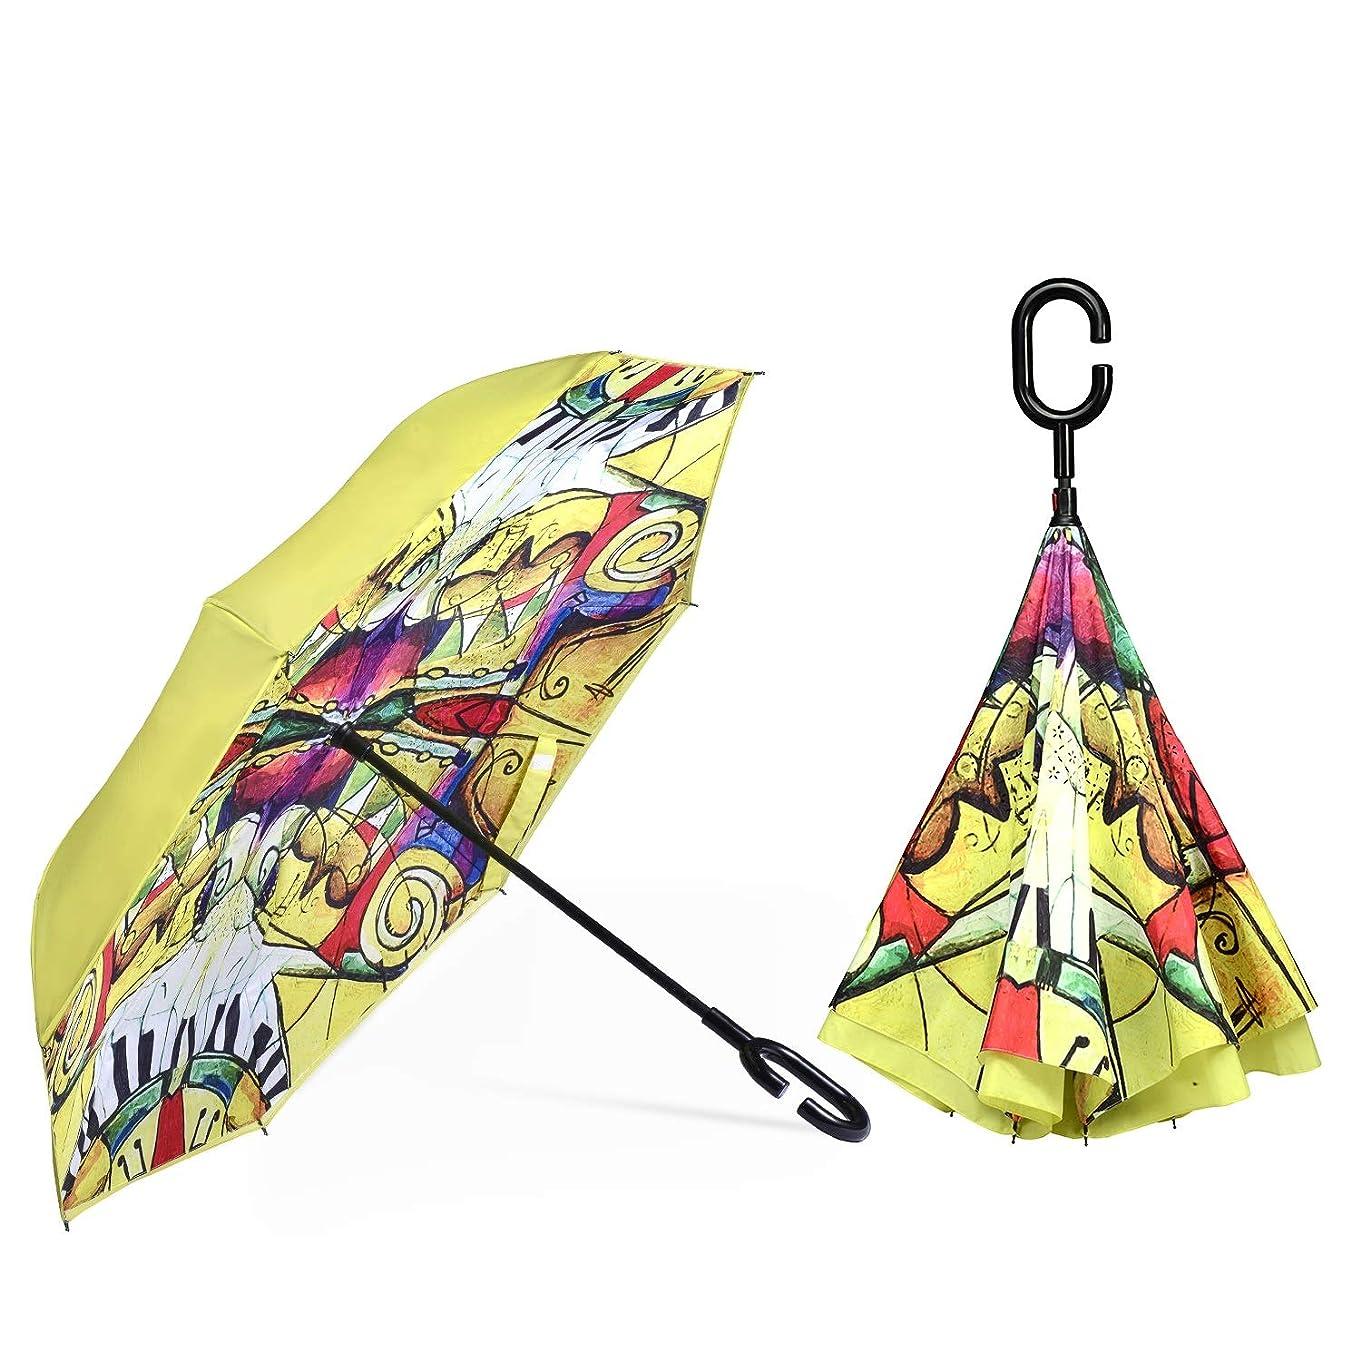 頭レンズ高速道路傘 逆さ傘 長傘 さかさま傘 逆折り式傘 逆転傘 UVカット 晴雨兼用 手離れC型手元 耐風傘 撥水加工 ビジネス用 車用 自立傘 二重傘 JFYJP (Color : イエロー, Size : フリー)